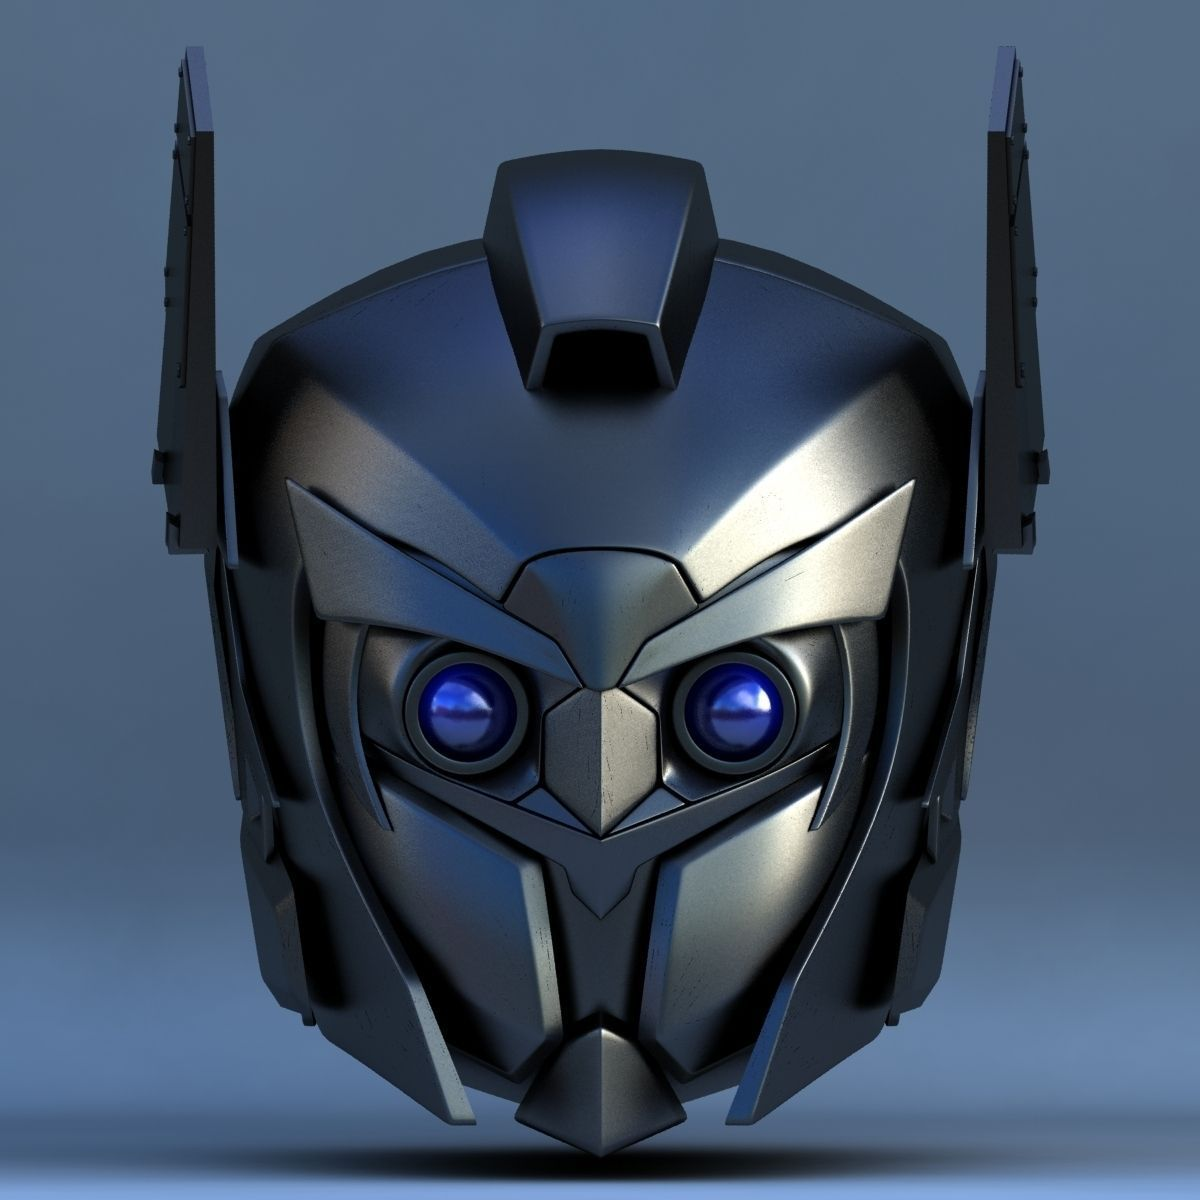 Robot Head A 3D Model .max